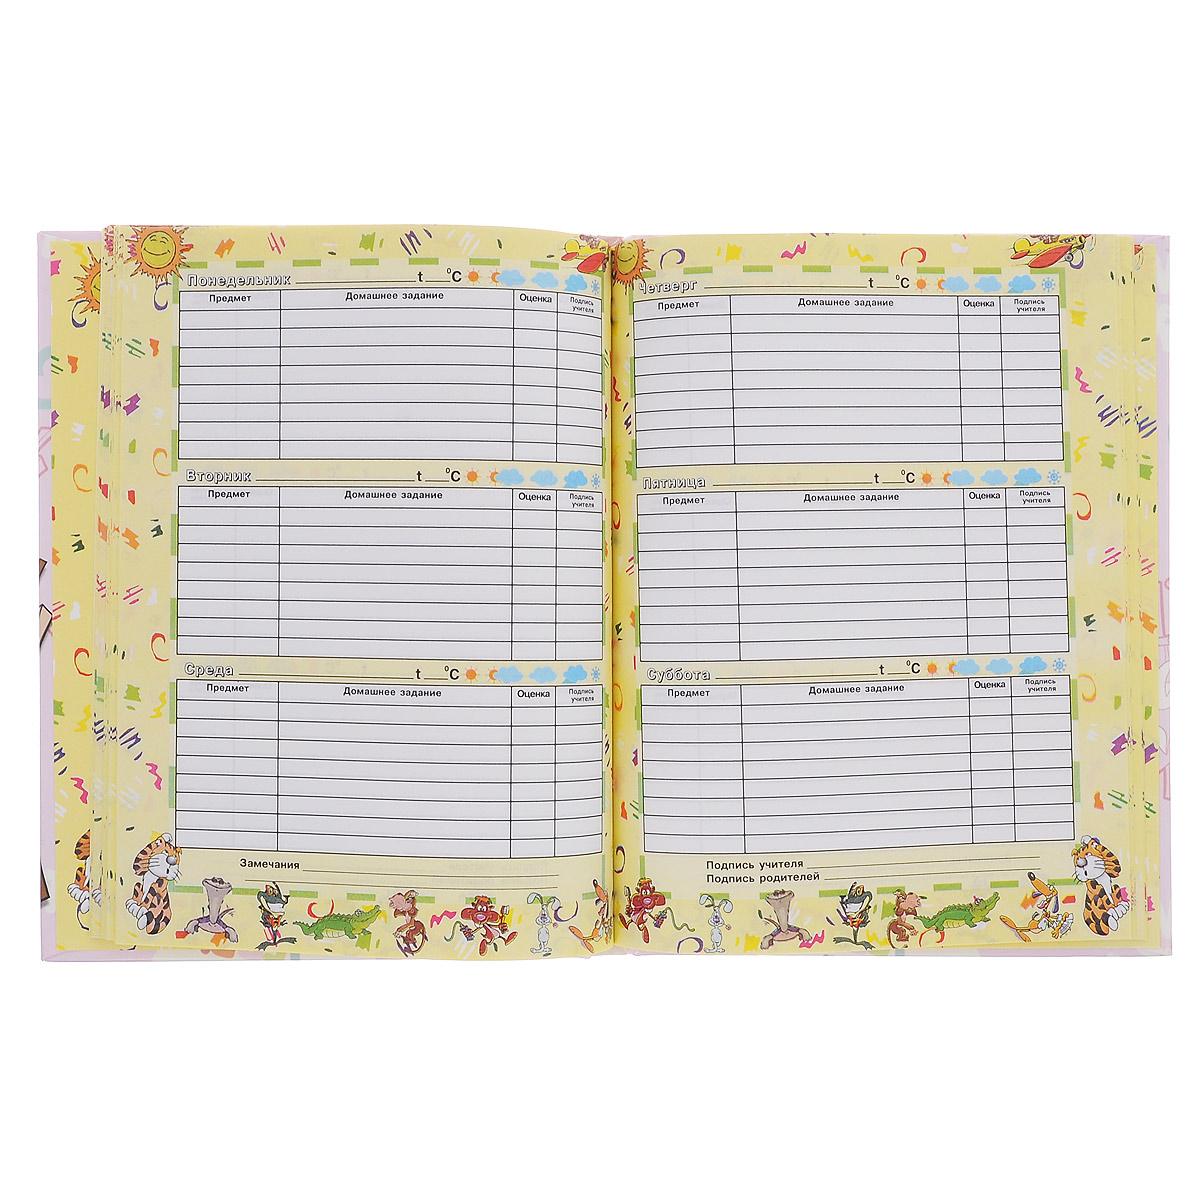 Школьный дневник Boom Том и Джерри 2 - первый ежедневник вашего ребенка. Он поможет ему не забыть свои задания, а вы всегда сможете проконтролировать его успеваемость. Дневник предназначен для учеников 1-4 классов.    Внутренний блок дневника состоит из 48 листов бумаги светло-желтого цвета с изображением забавных зверюшек. Яркая обложка в твердом переплете с поролоном выполнена из глянцевого картона.  В структуру дневника входят все необходимые разделы: информация о личных данных ученика, расписание уроков по четвертям, сведения о преподавателях и дополнительных занятиях. Дневник содержит номера телефонов экстренной помощи и даты праздничных дней. В конце дневника имеются сведения об успеваемости с заметками классного руководителя и учителей, информация о каникулах и краткий справочник школьника по математике и русскому языку.  Дневник Boom Том и Джерри 2 станет отличным помощником в освоении новых знаний и украсит учебные будни.